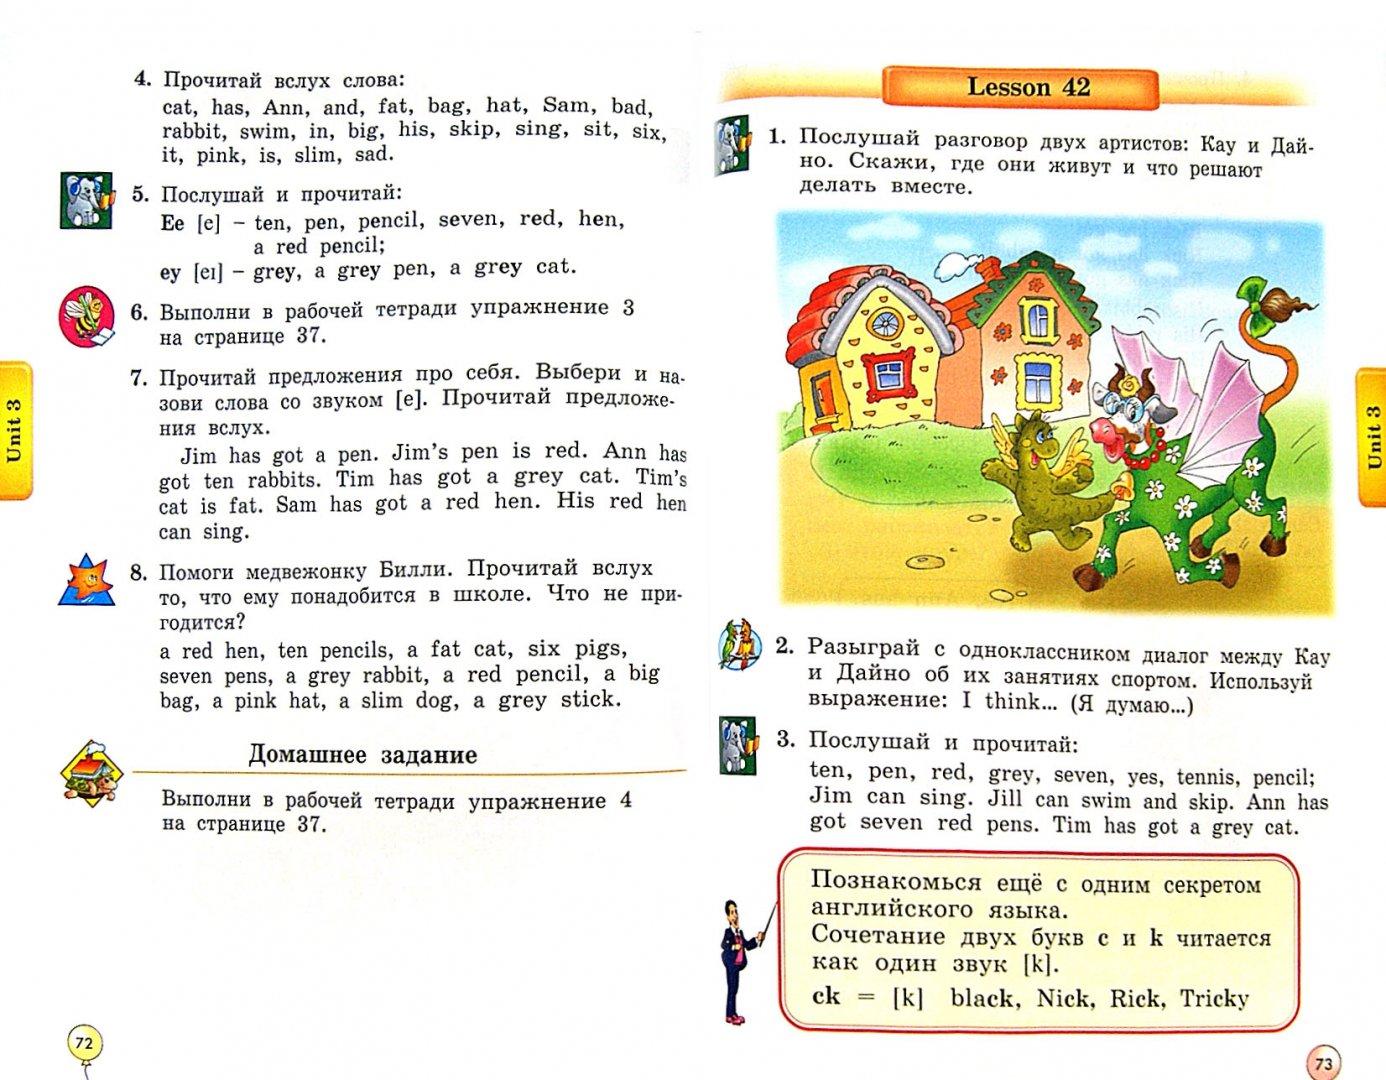 Иллюстрация 1 из 9 для Английский язык : Английский с удовольствием / Enjoy English для 2 класса : Учебник. ФГОС - Биболетова, Денисенко, Трубанева   Лабиринт - книги. Источник: Лабиринт